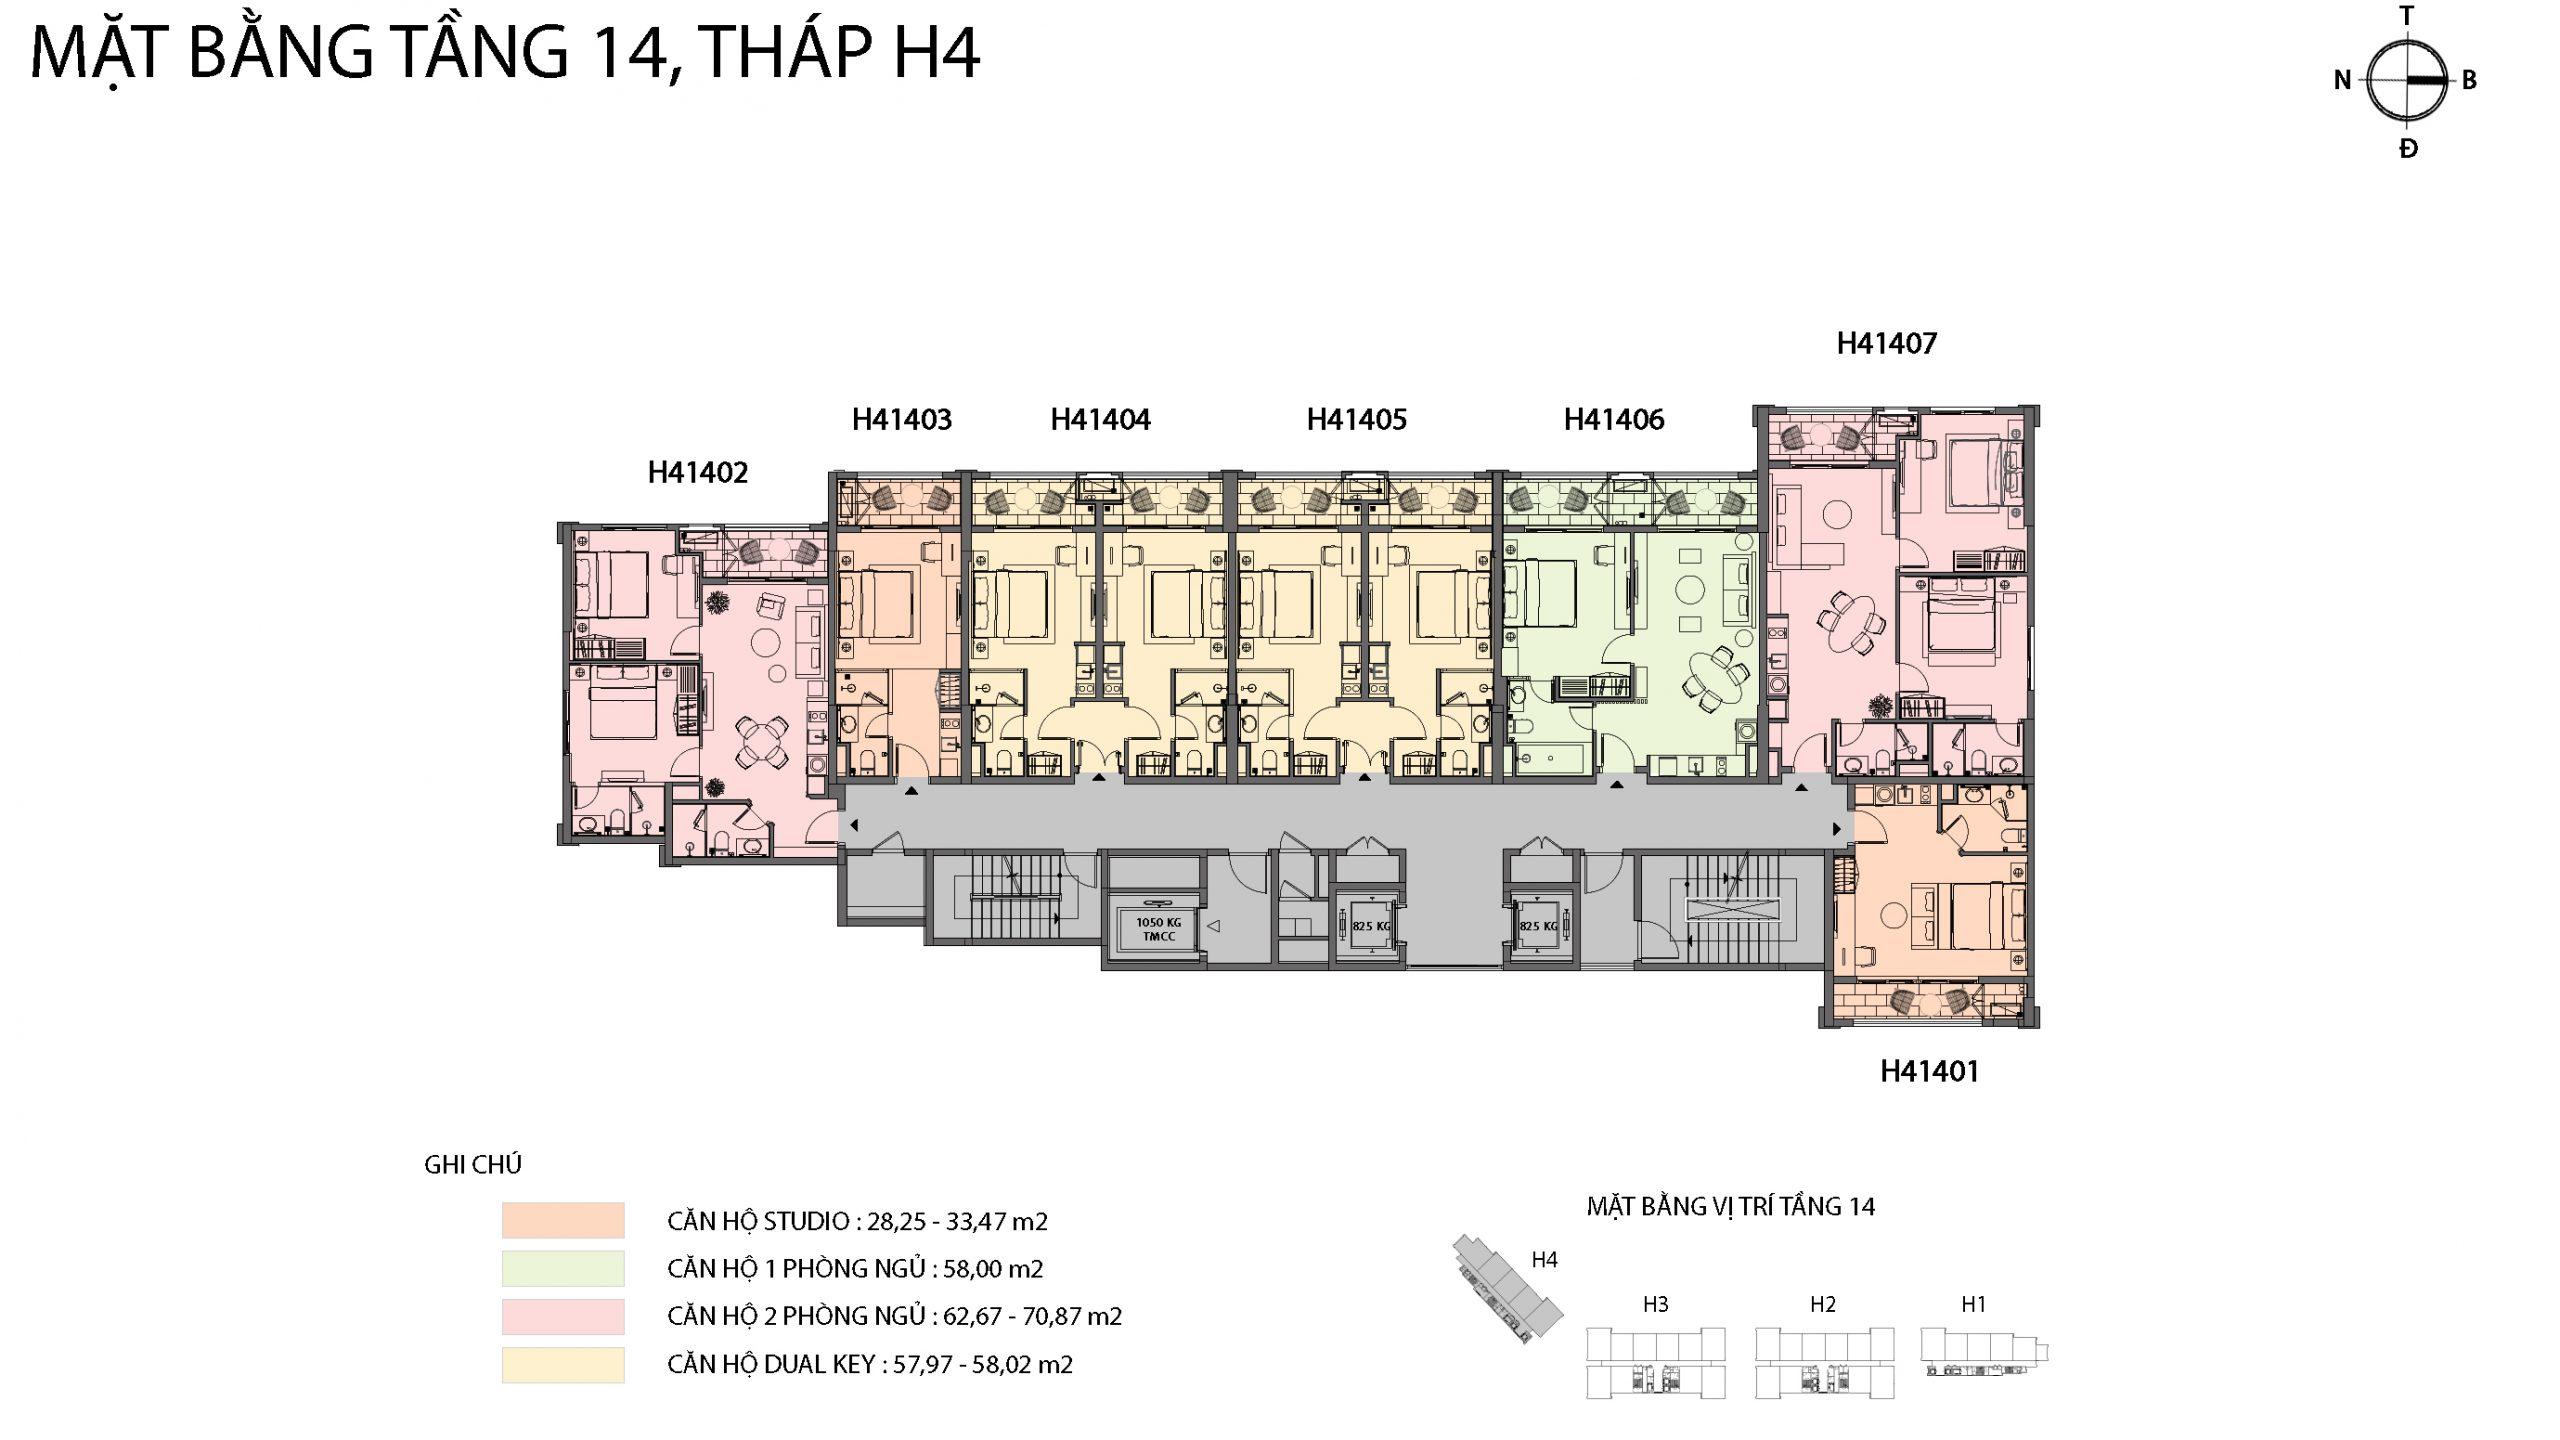 Mặt bằng chi tiết tòa căn hộ H4 - Sun Grand City Hillside Residence 12